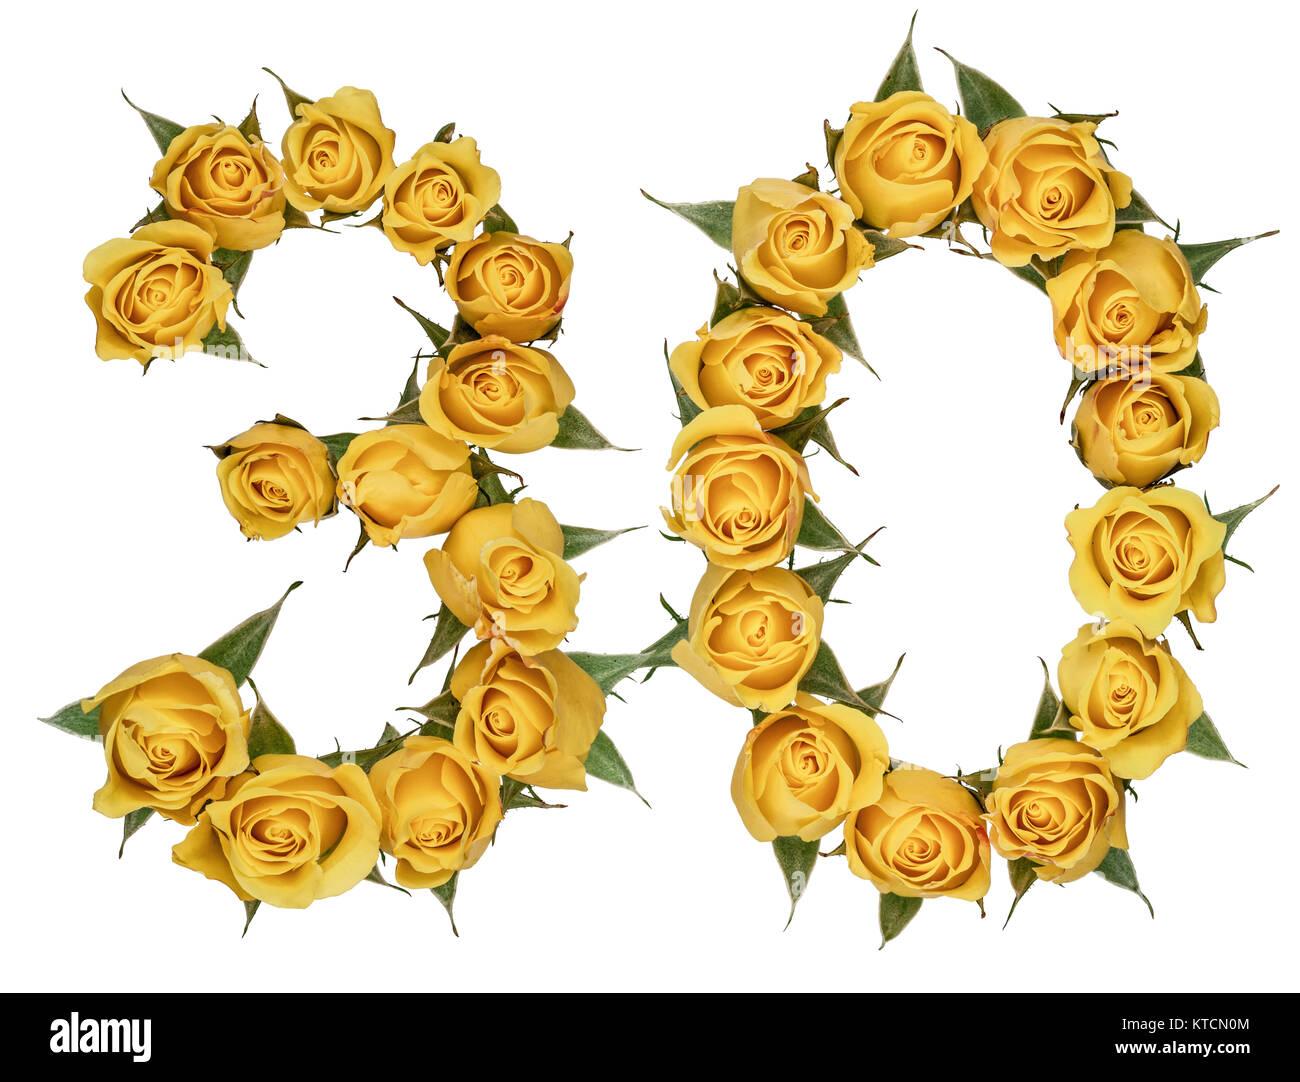 Arábigos, 30, 34, de flores amarillas de rose, aislado sobre fondo blanco. Imagen De Stock